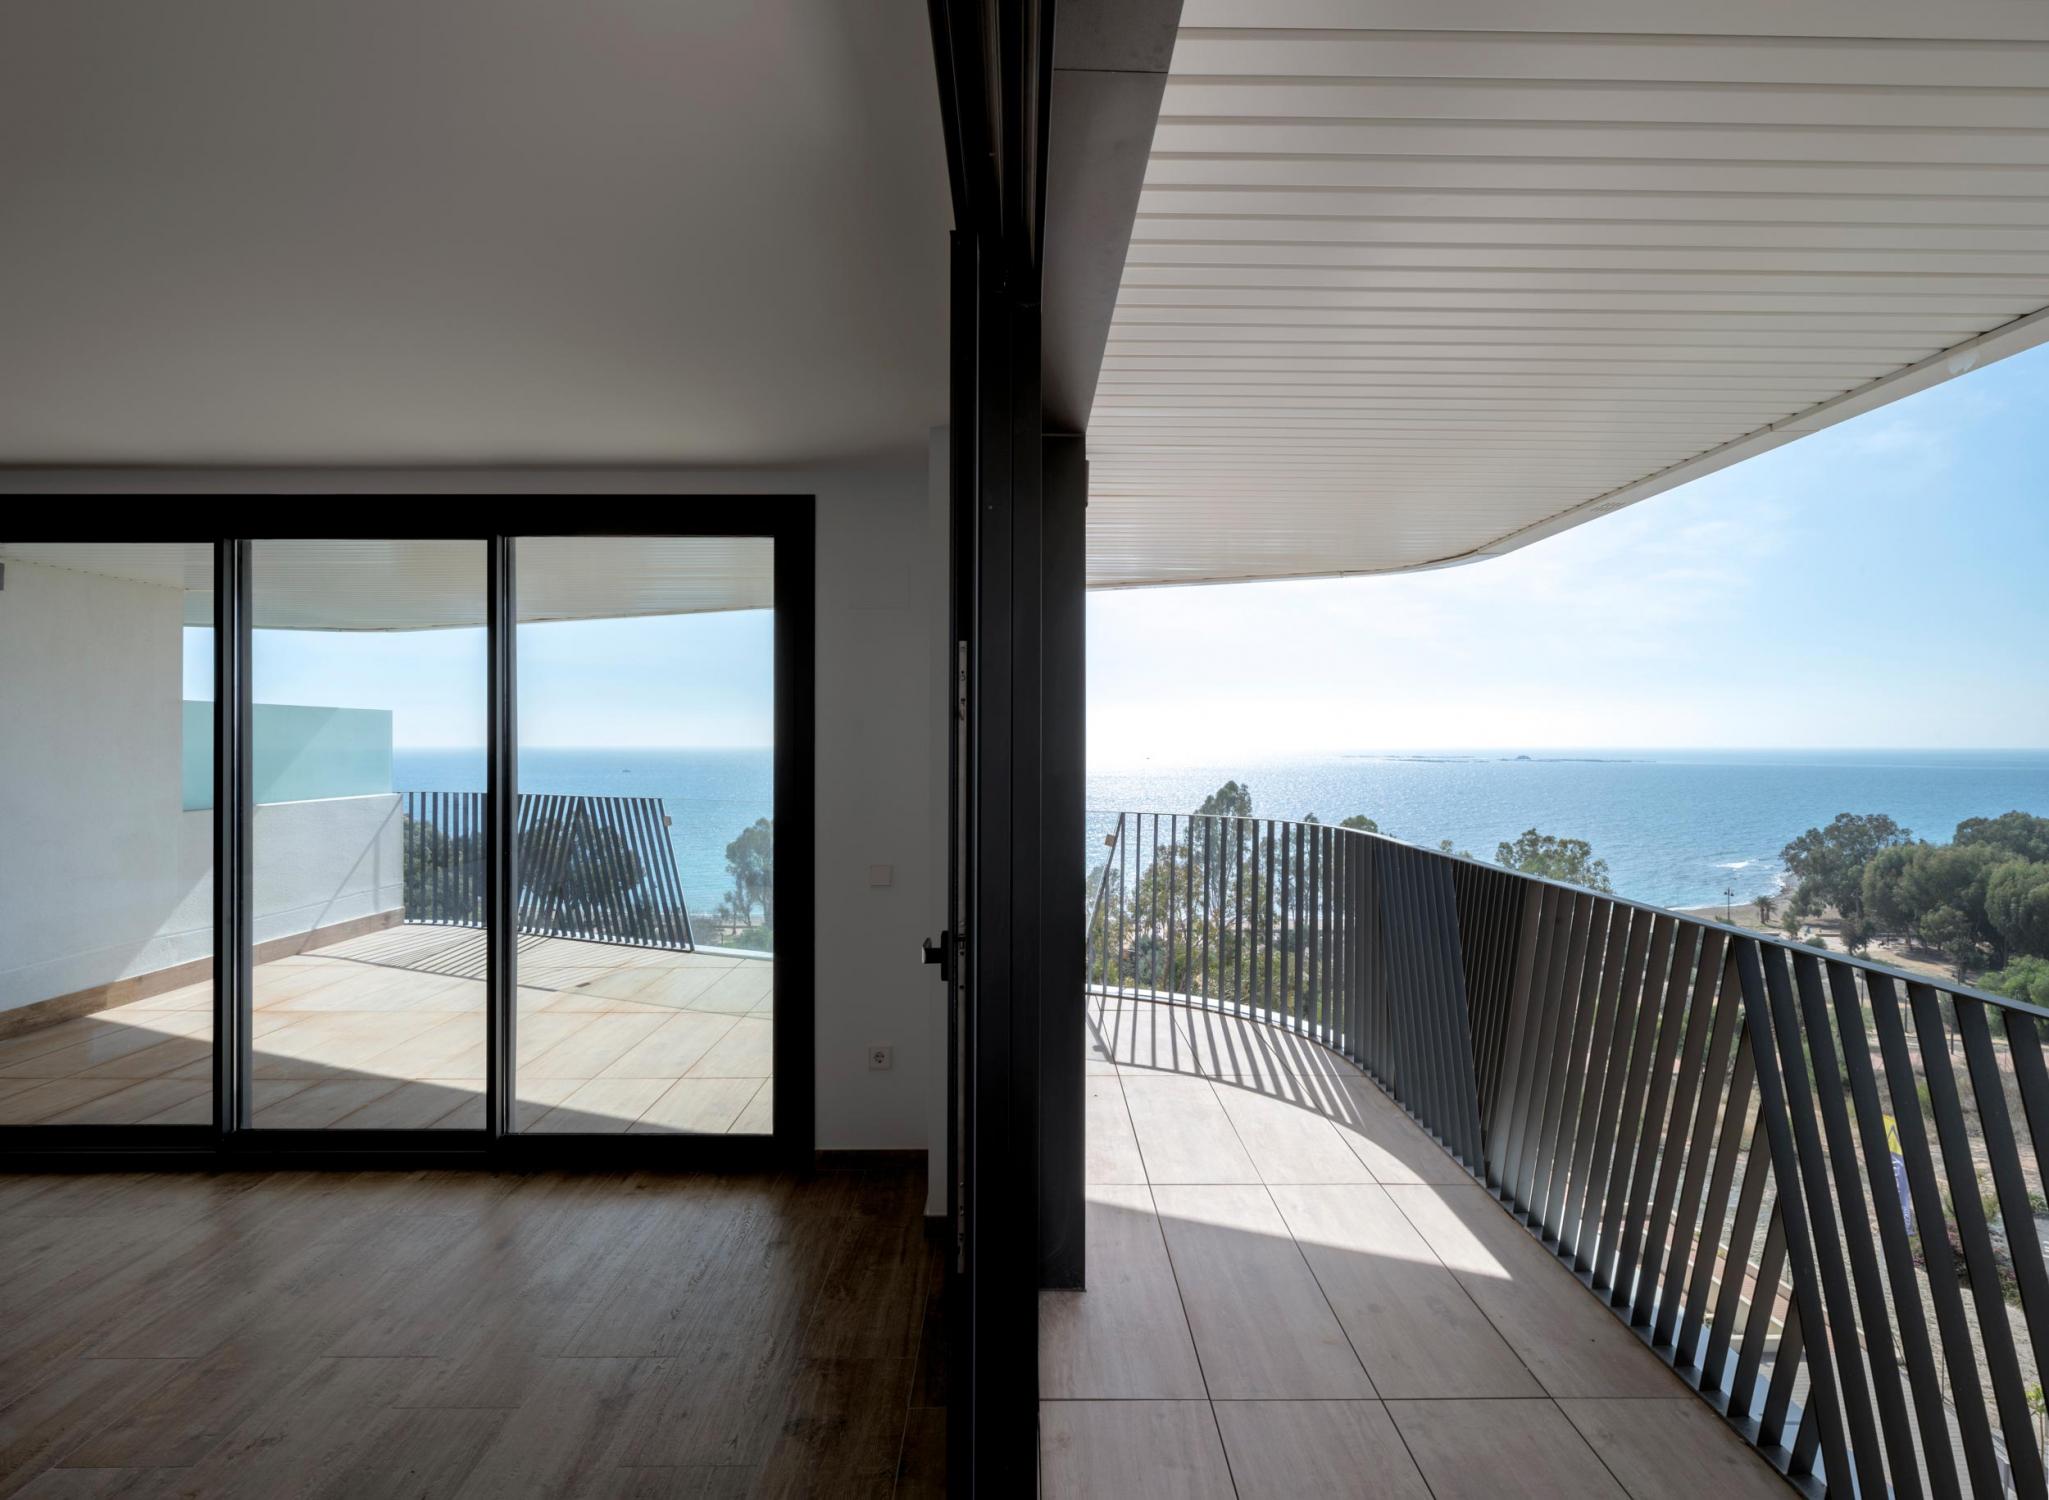 Interior y terraza de vivienda Allonbay Village con visuales hacia el mar Mediterráneo